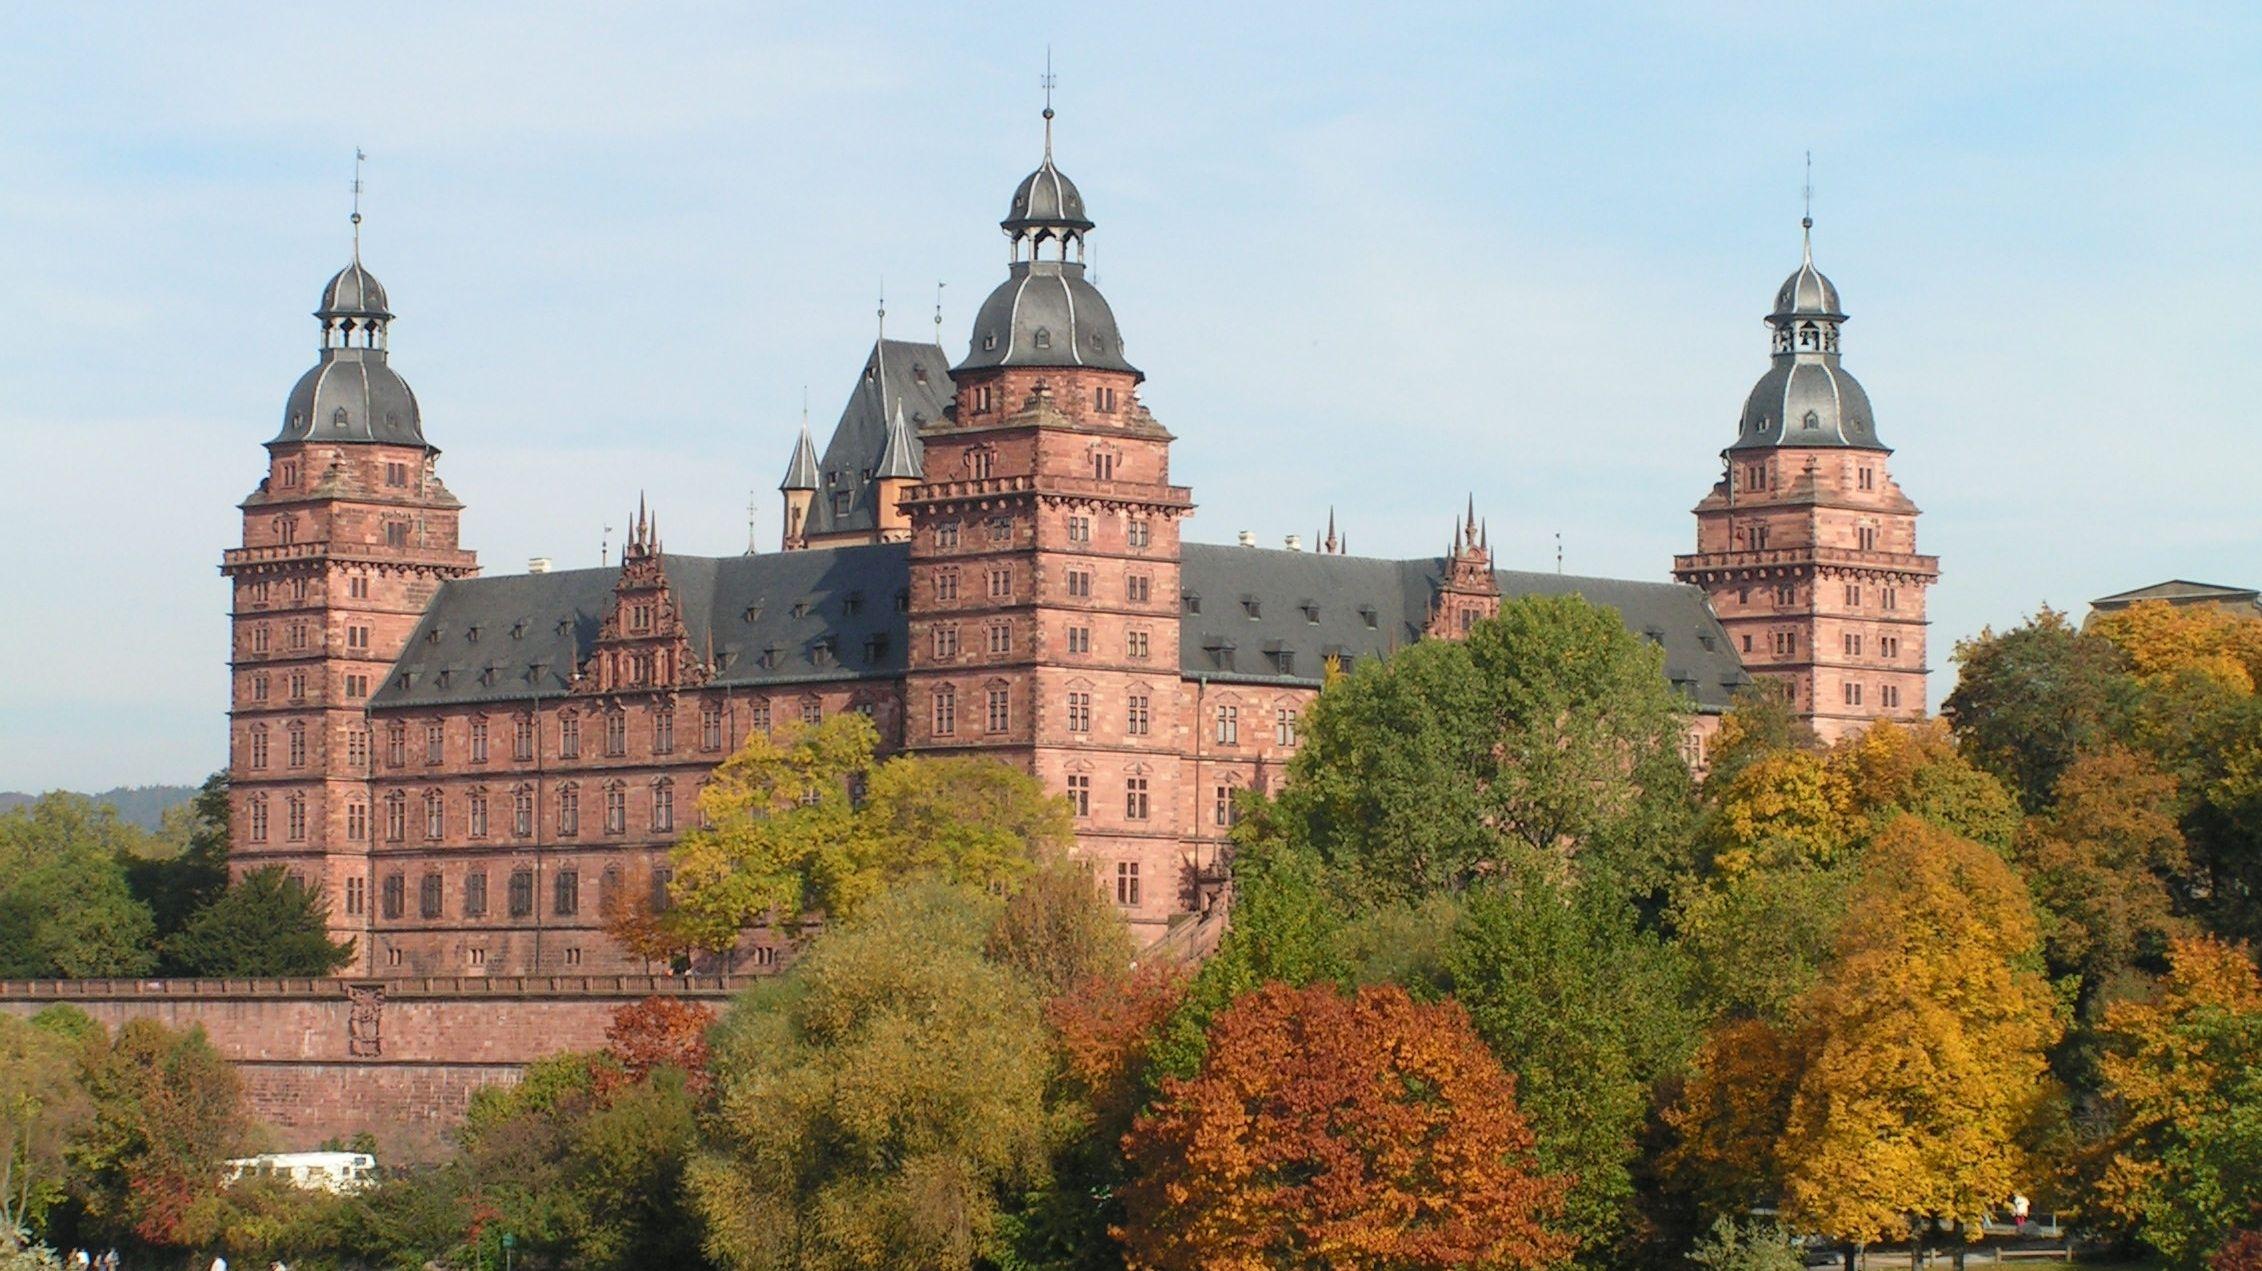 Schloss Johannisburg Aschaffenburg